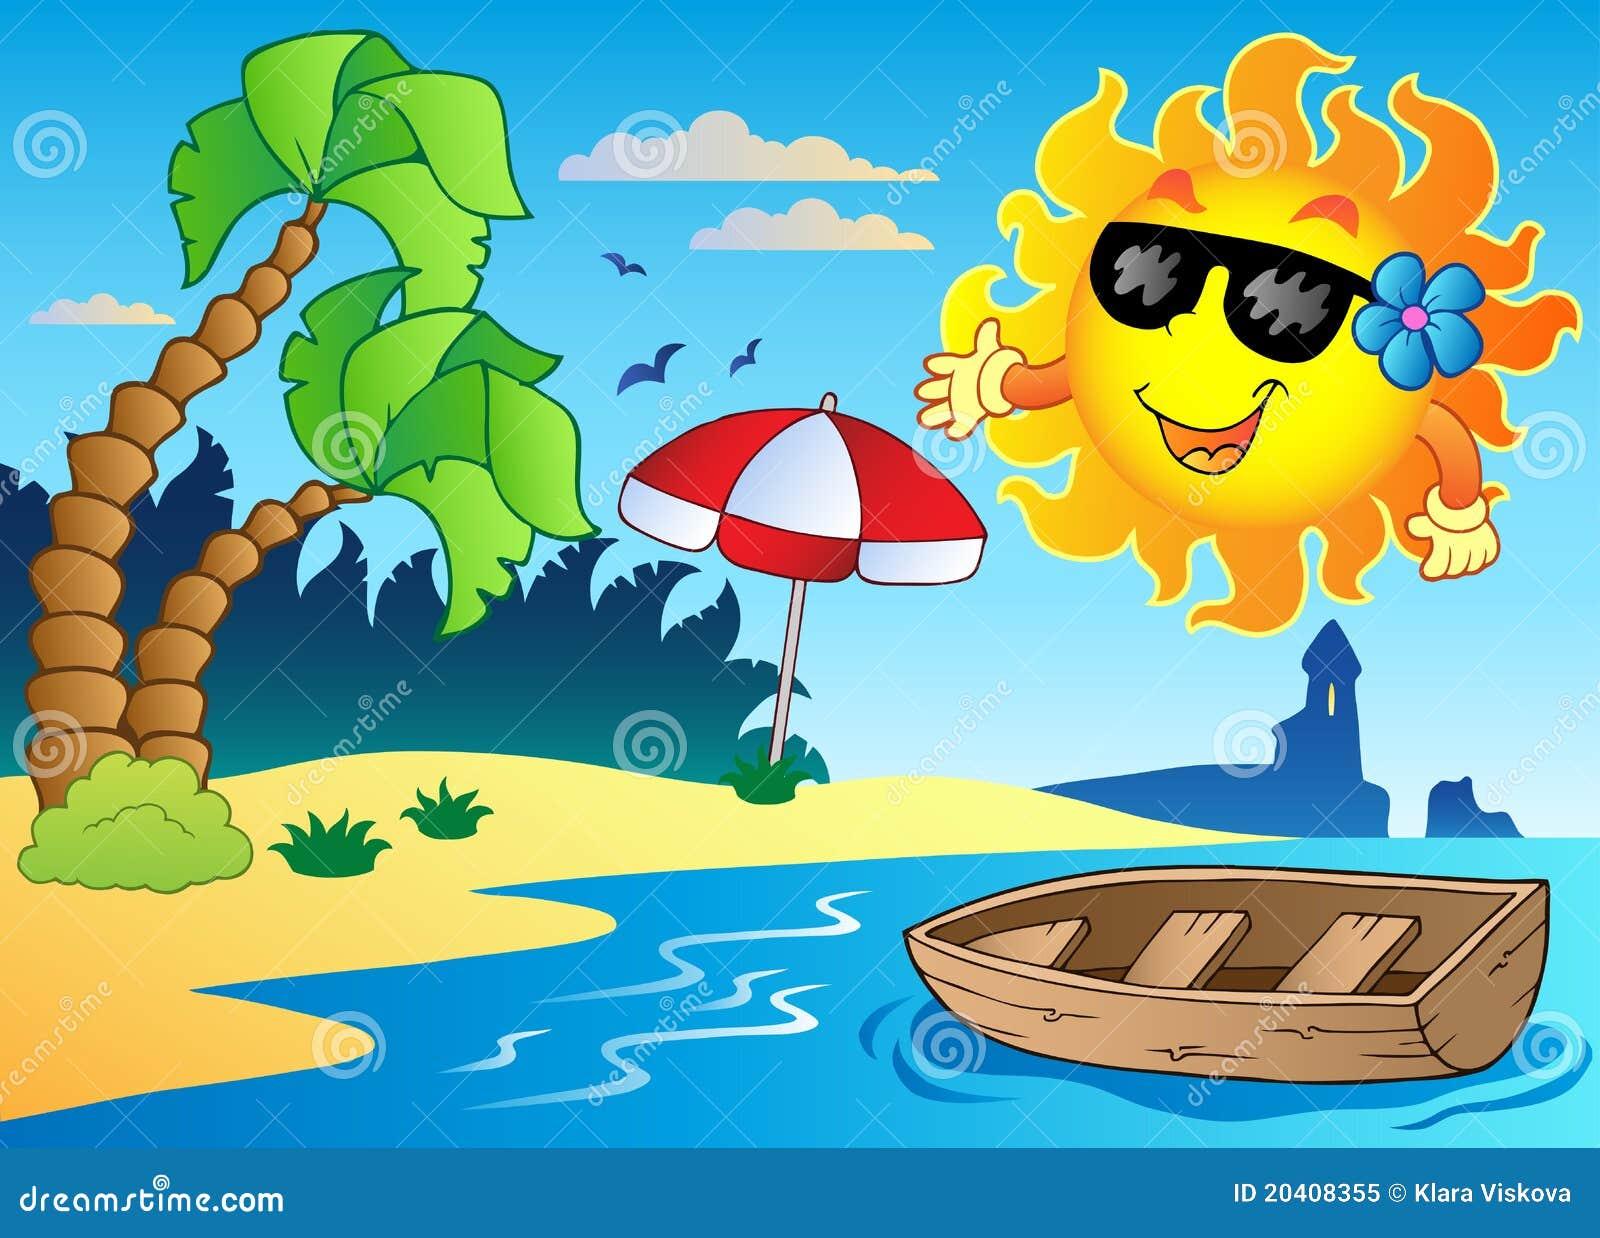 Summer Theme Image 4 Royalty Free Stock Photo Image 20408355